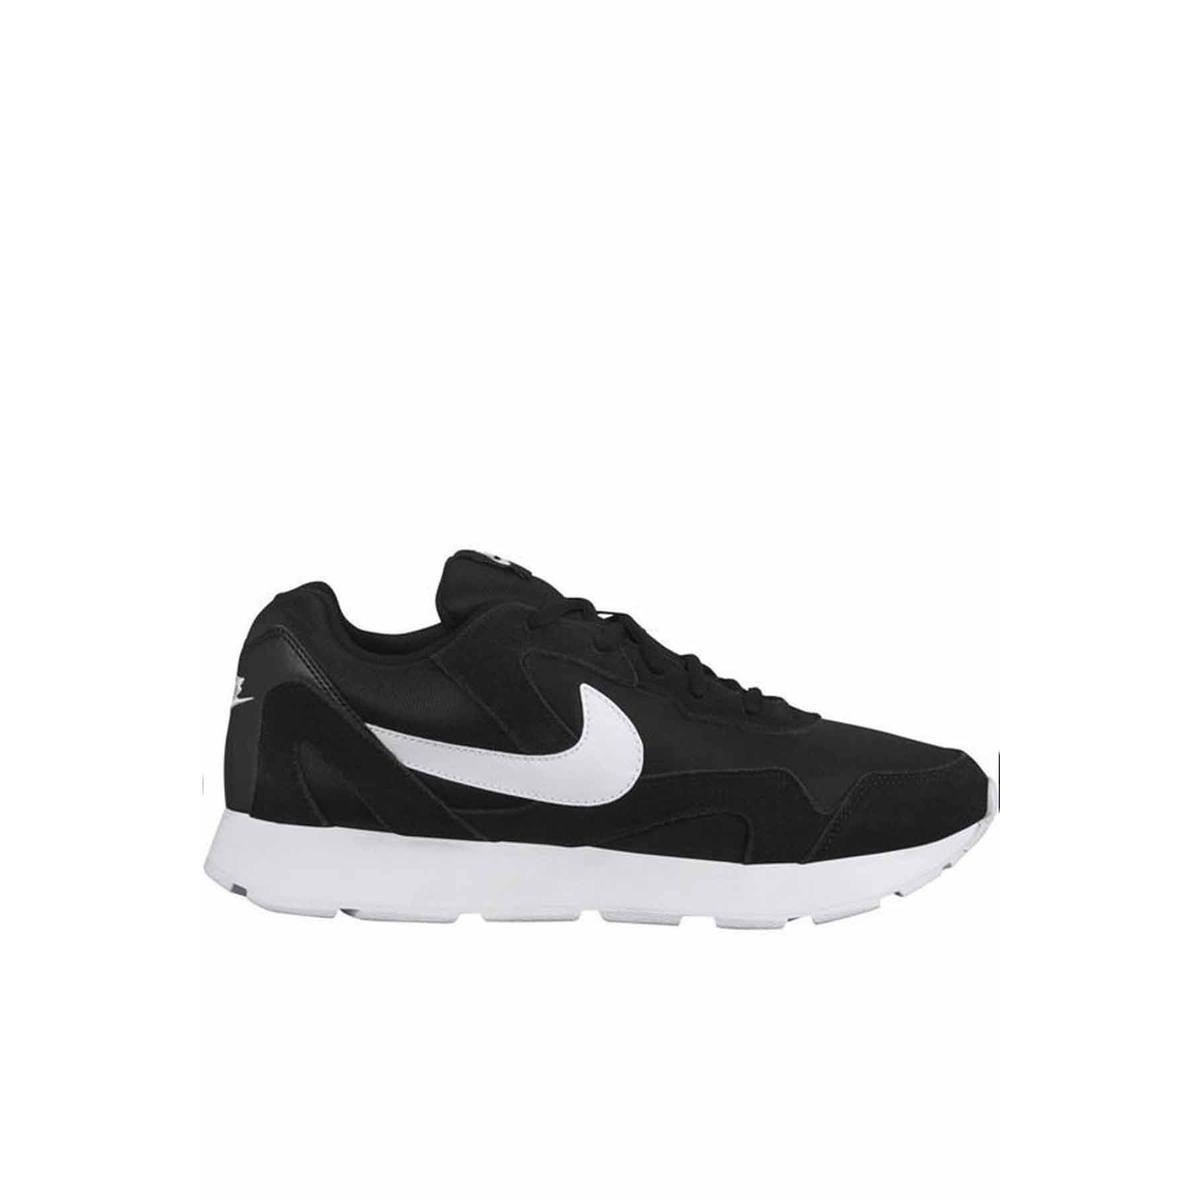 En Ucuz Nike Spor Ayakkabı Fiyatları ve Modelleri - Cimri.com